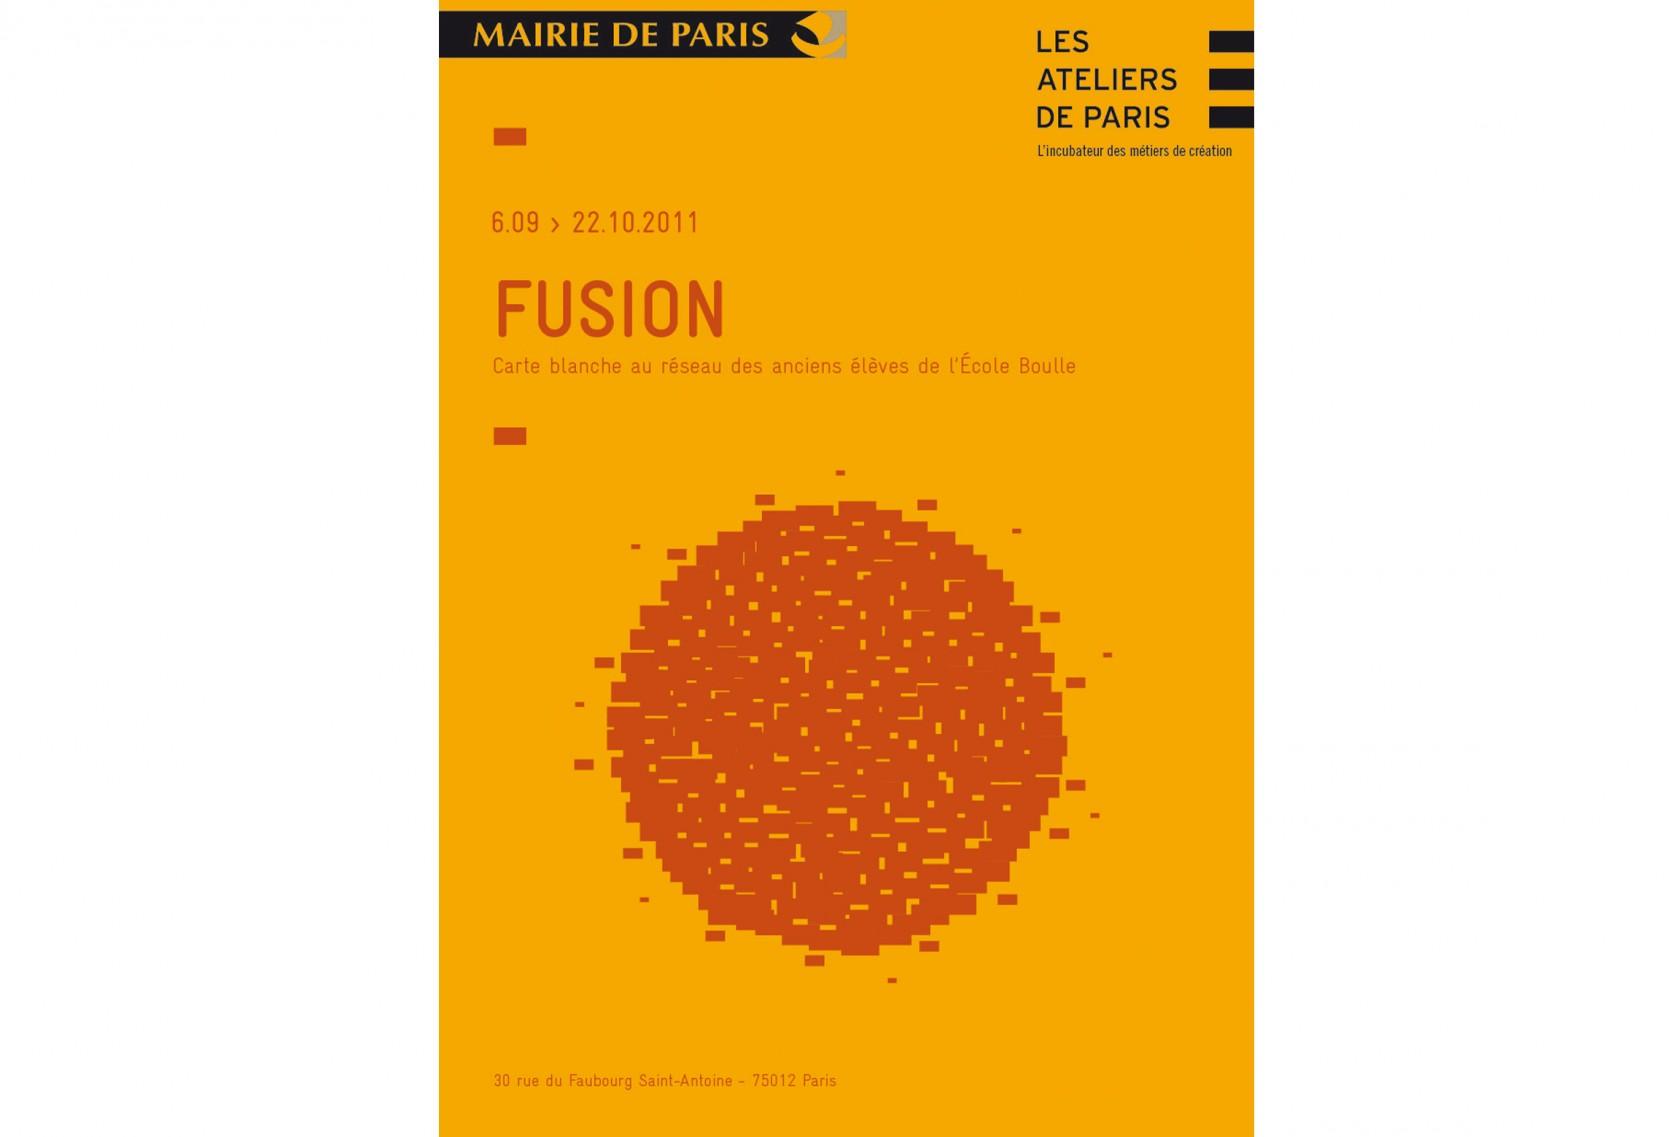 Ludovic AVENEL : ébéniste créateur Paris -  Ludovic_Avenel_news_fusion_carte_blanche_école_boule_ebeniste_créateur_design_sur mesure_1